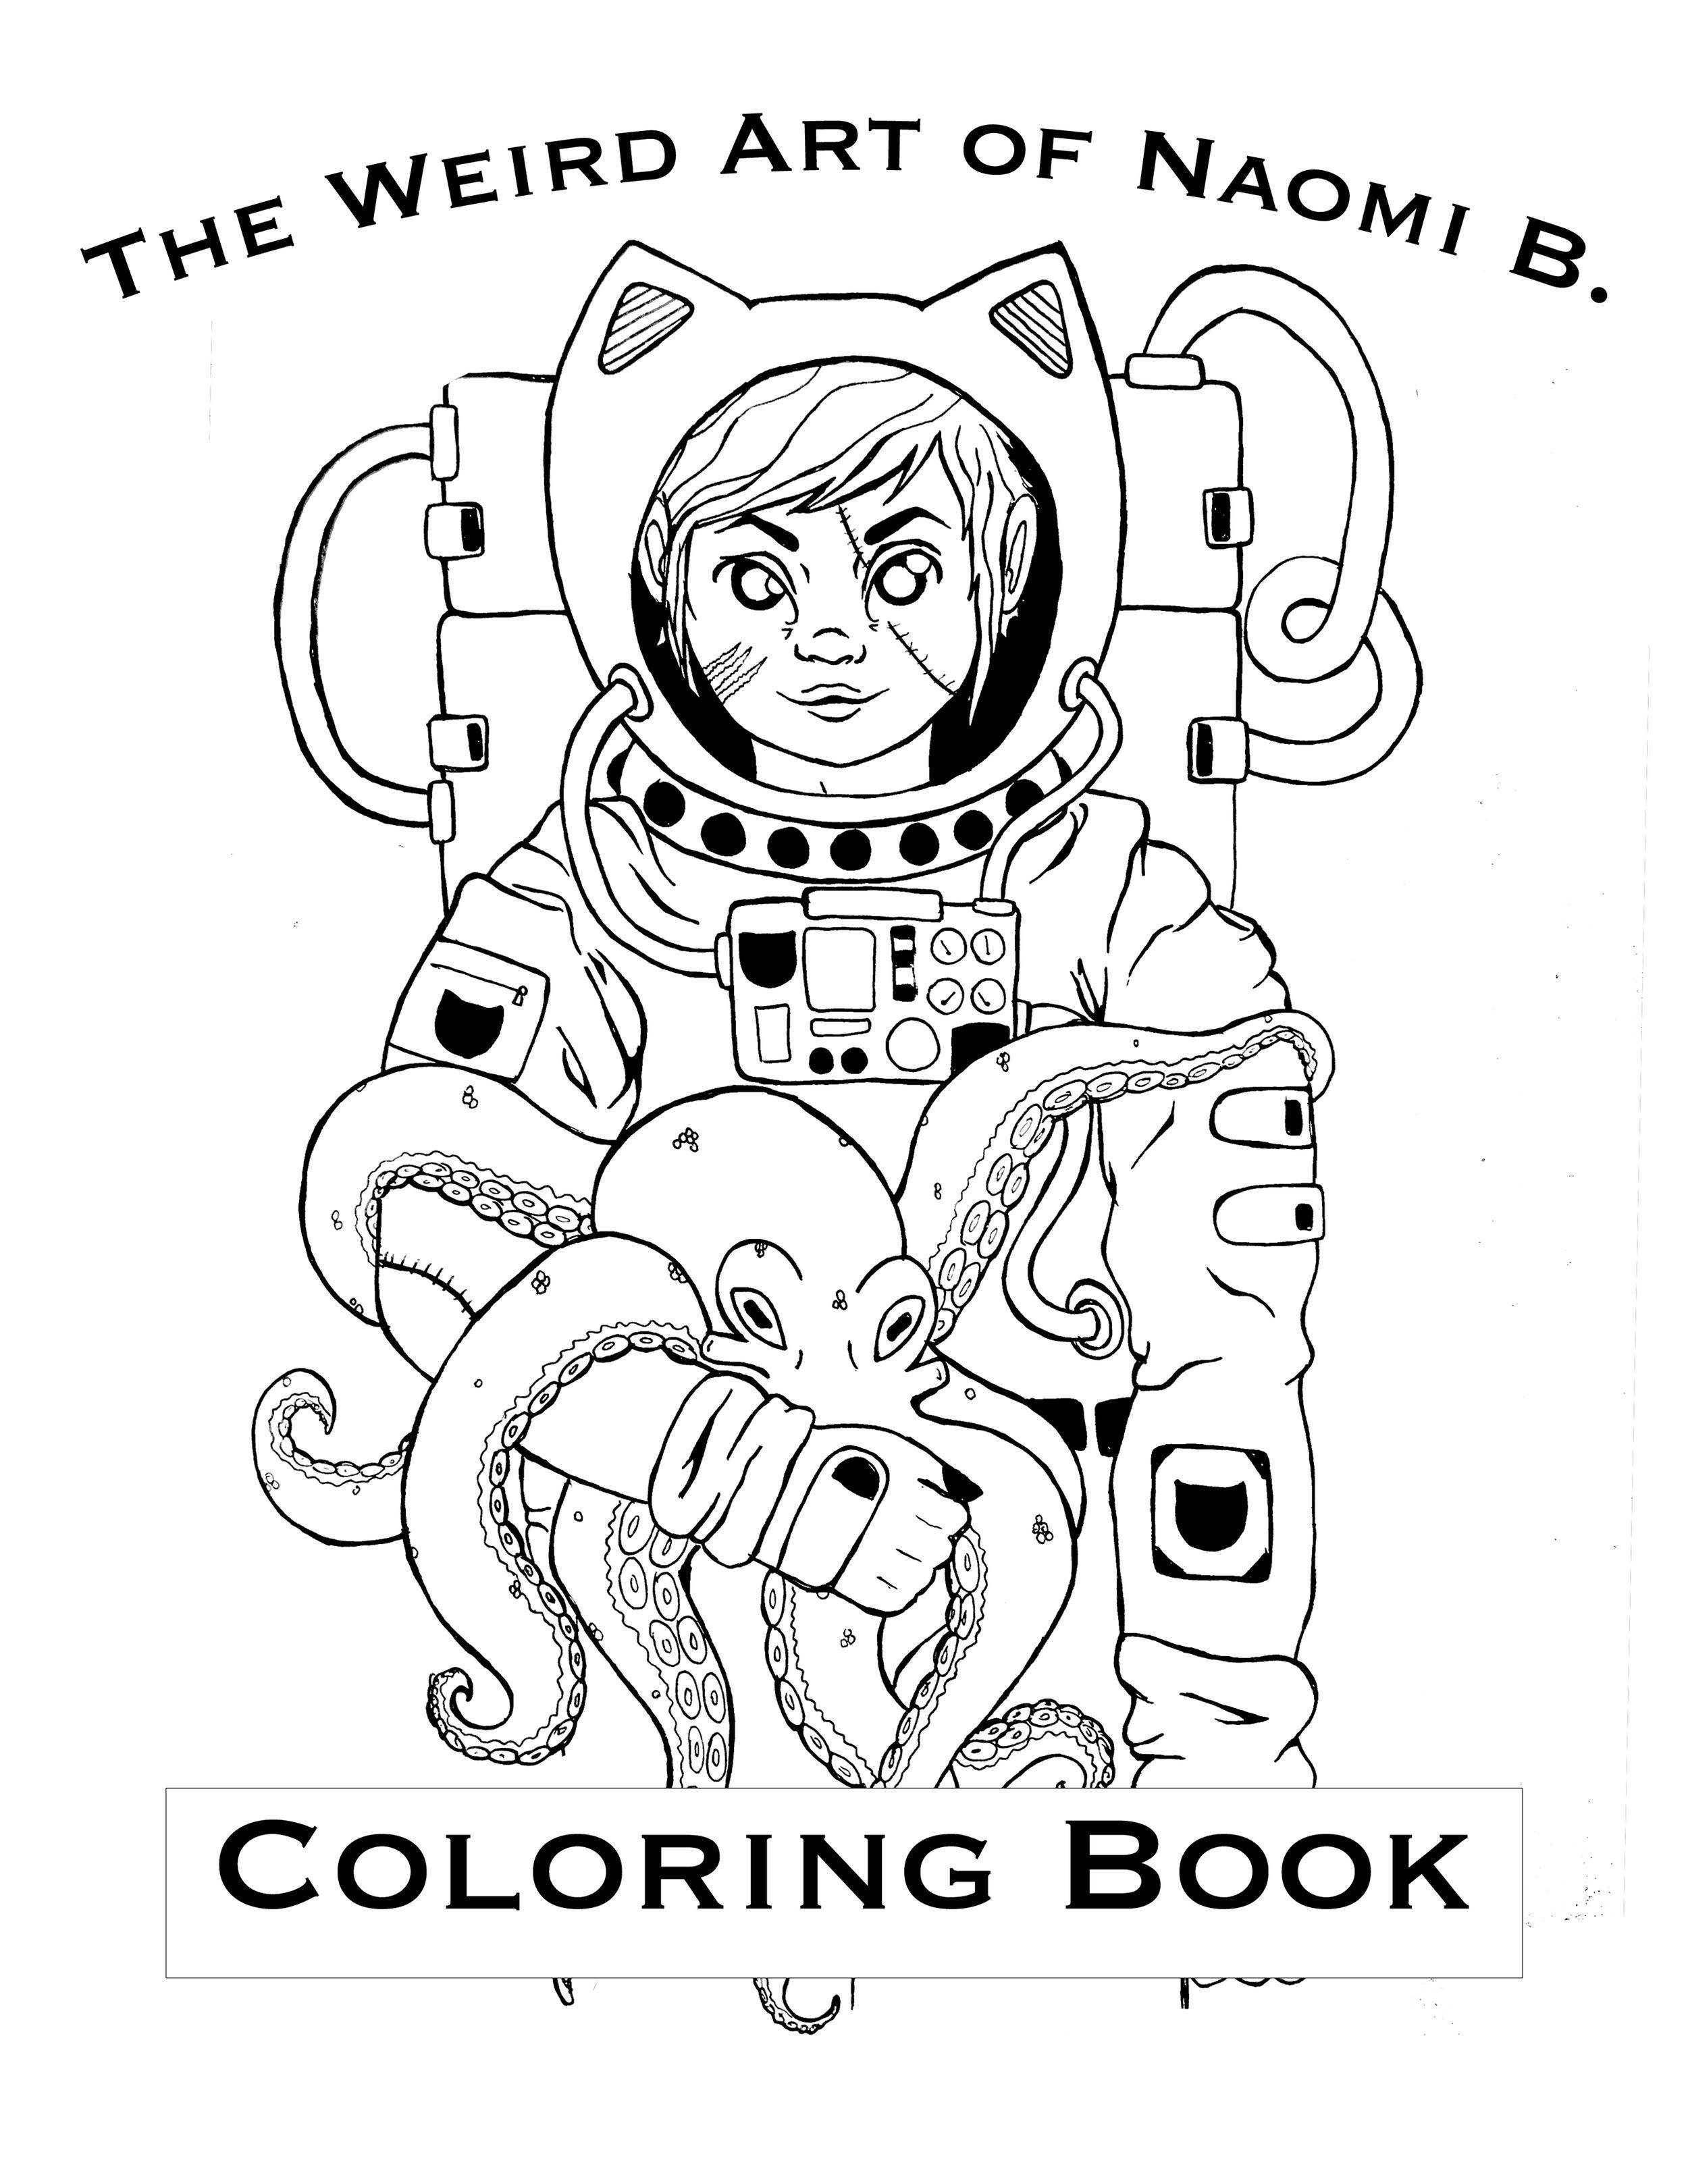 - Weird Art Of Naomi B. Coloring Book